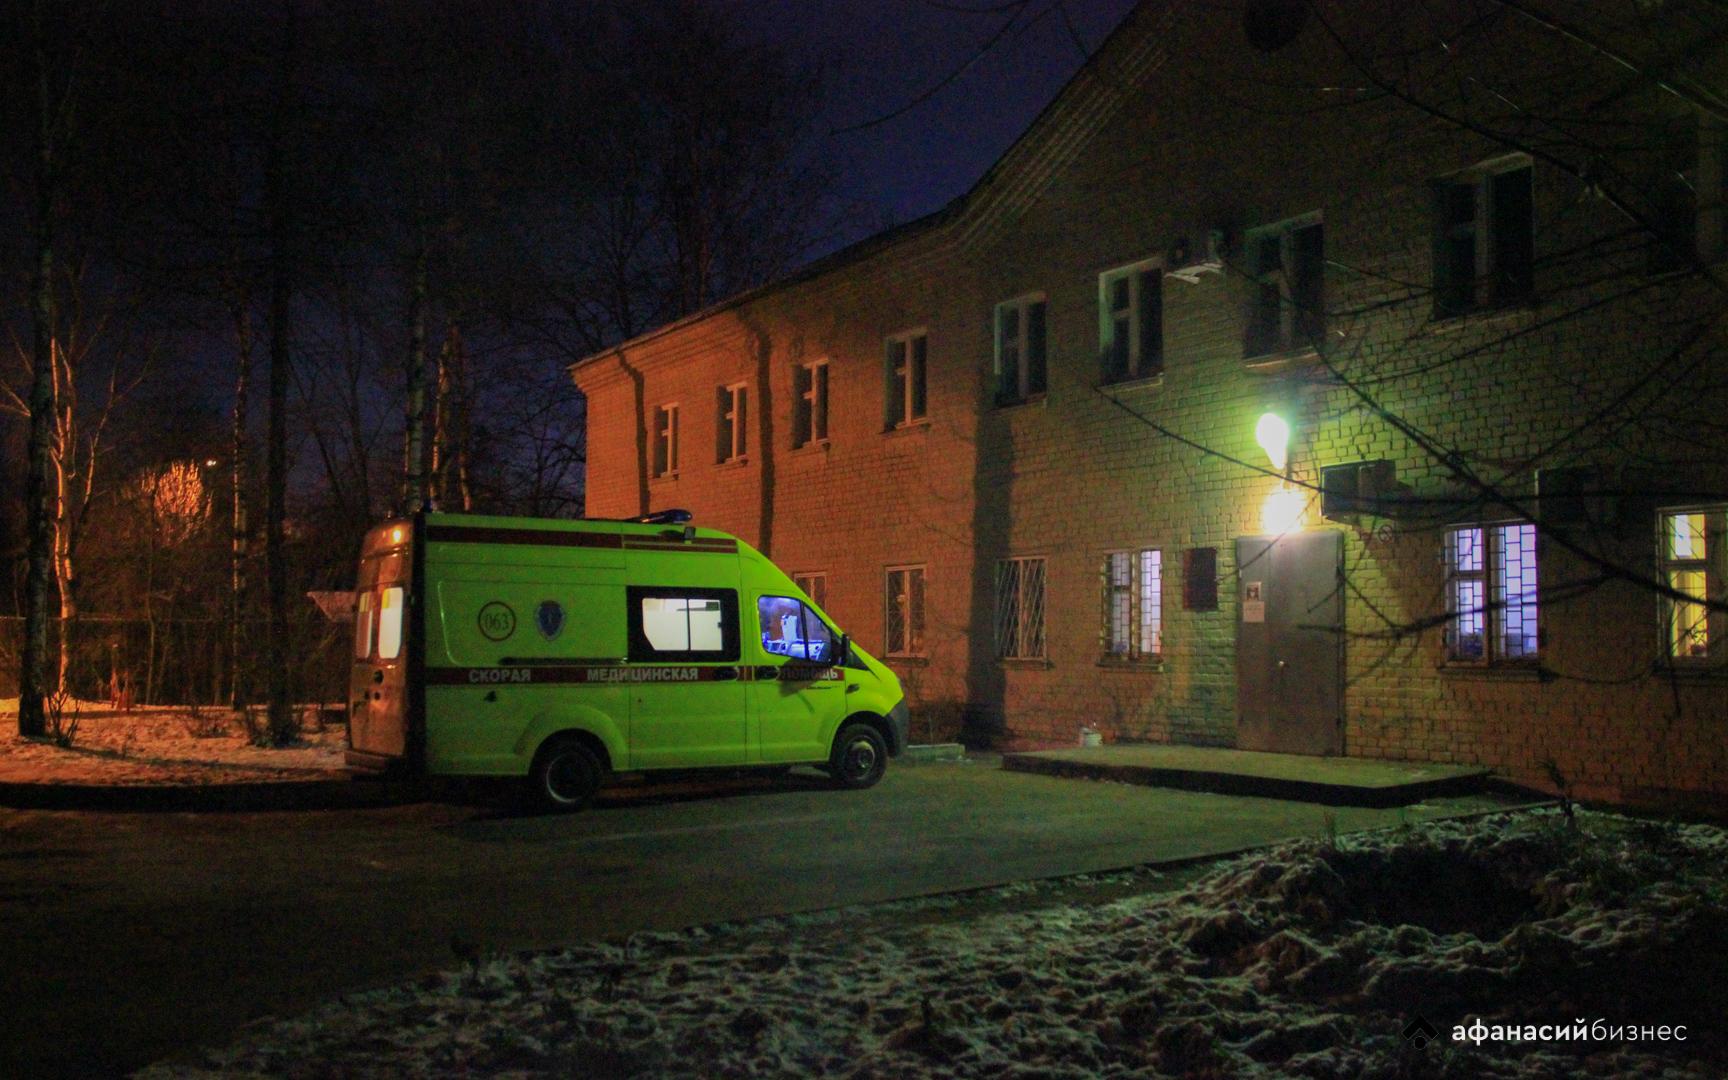 В Тверскую область поступила новая партия вакцины от коронавирусной инфекции - новости Афанасий